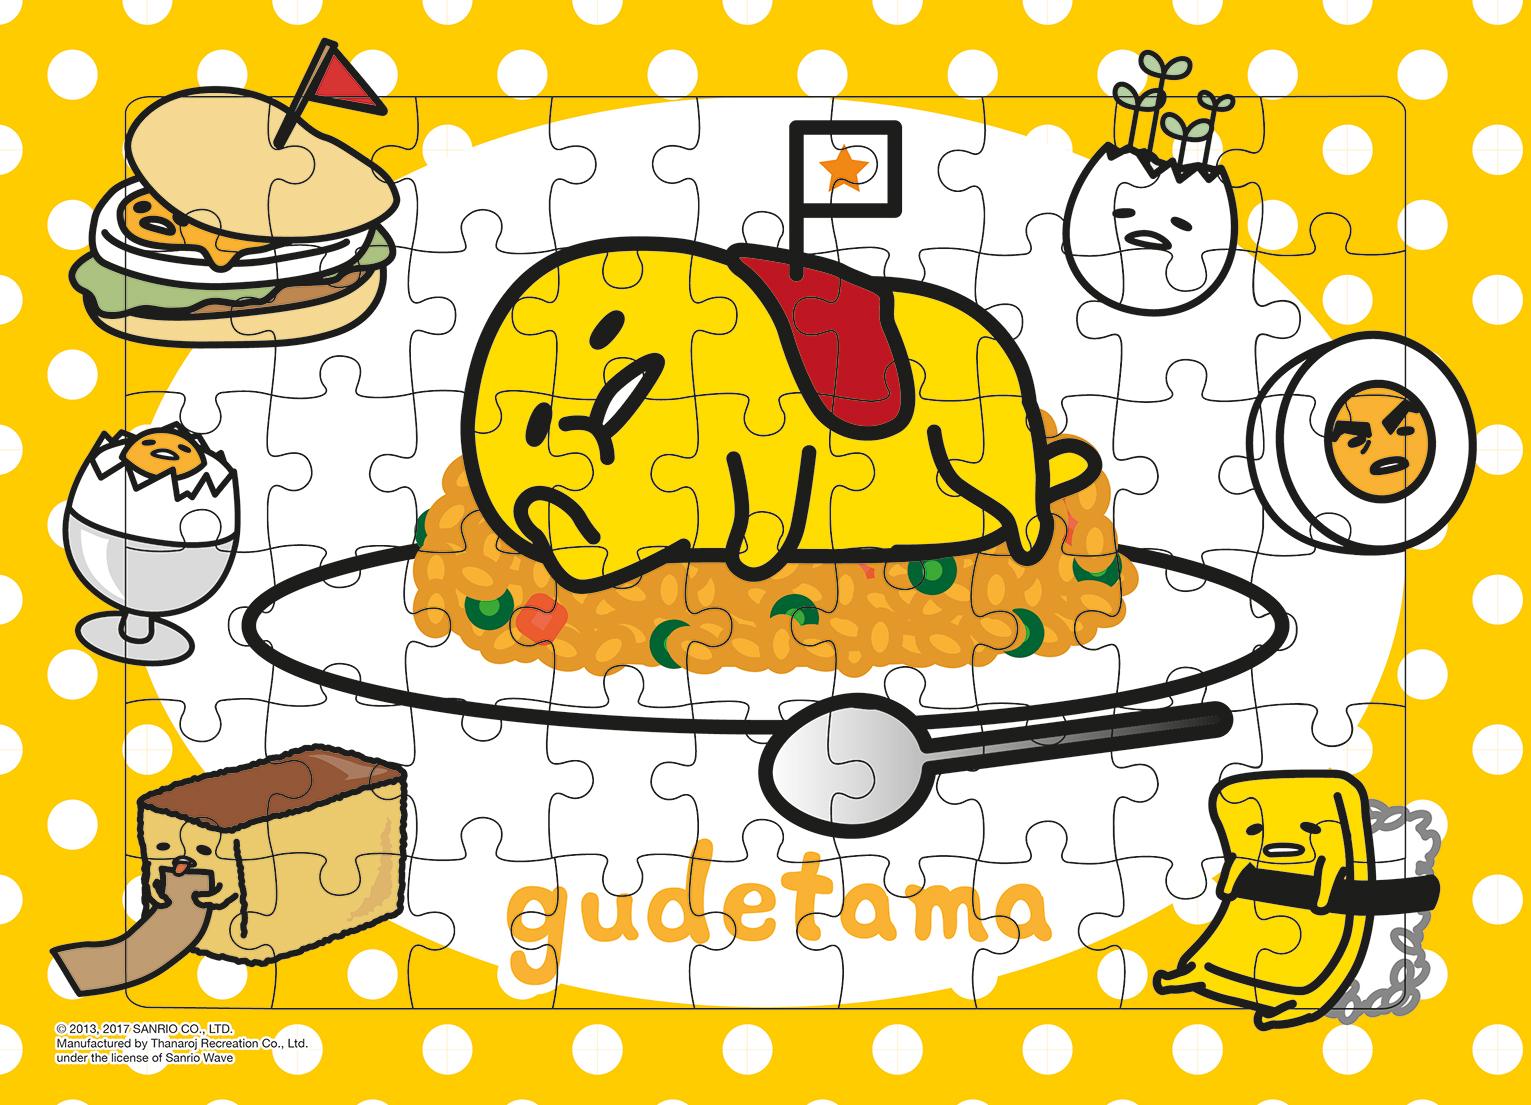 จิ๊กซอว์ 54 ชิ้น แบบแผ่นพร้อมถาดรอง ลายลิขสิทธิ์ ซานริโอ Sanrio กูเดทามะ ไข่ขี้เกียจ GUDETAMA ขนาด 25.5 x 36 ซม.